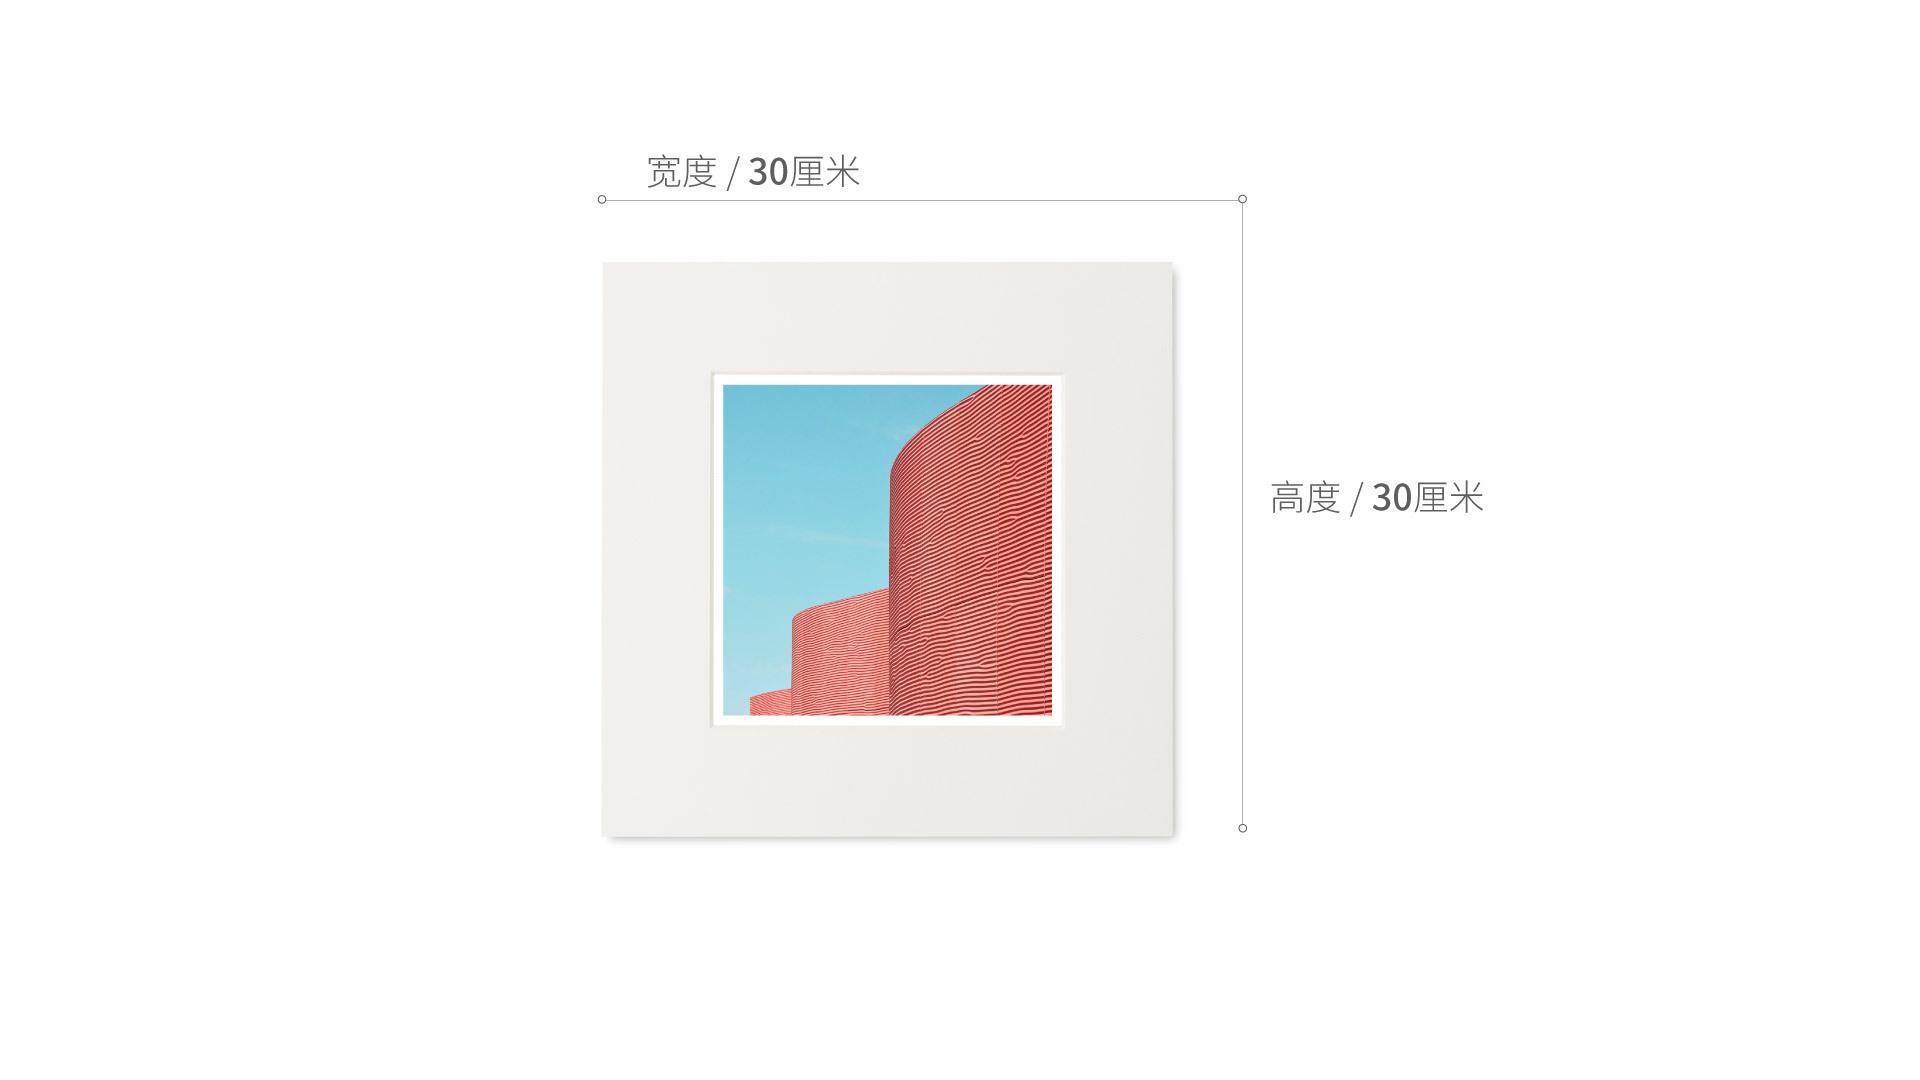 旅行家限量画芯 | Giorgio Stefanoni作品2号-空间之间2(装裱后)装饰效果图